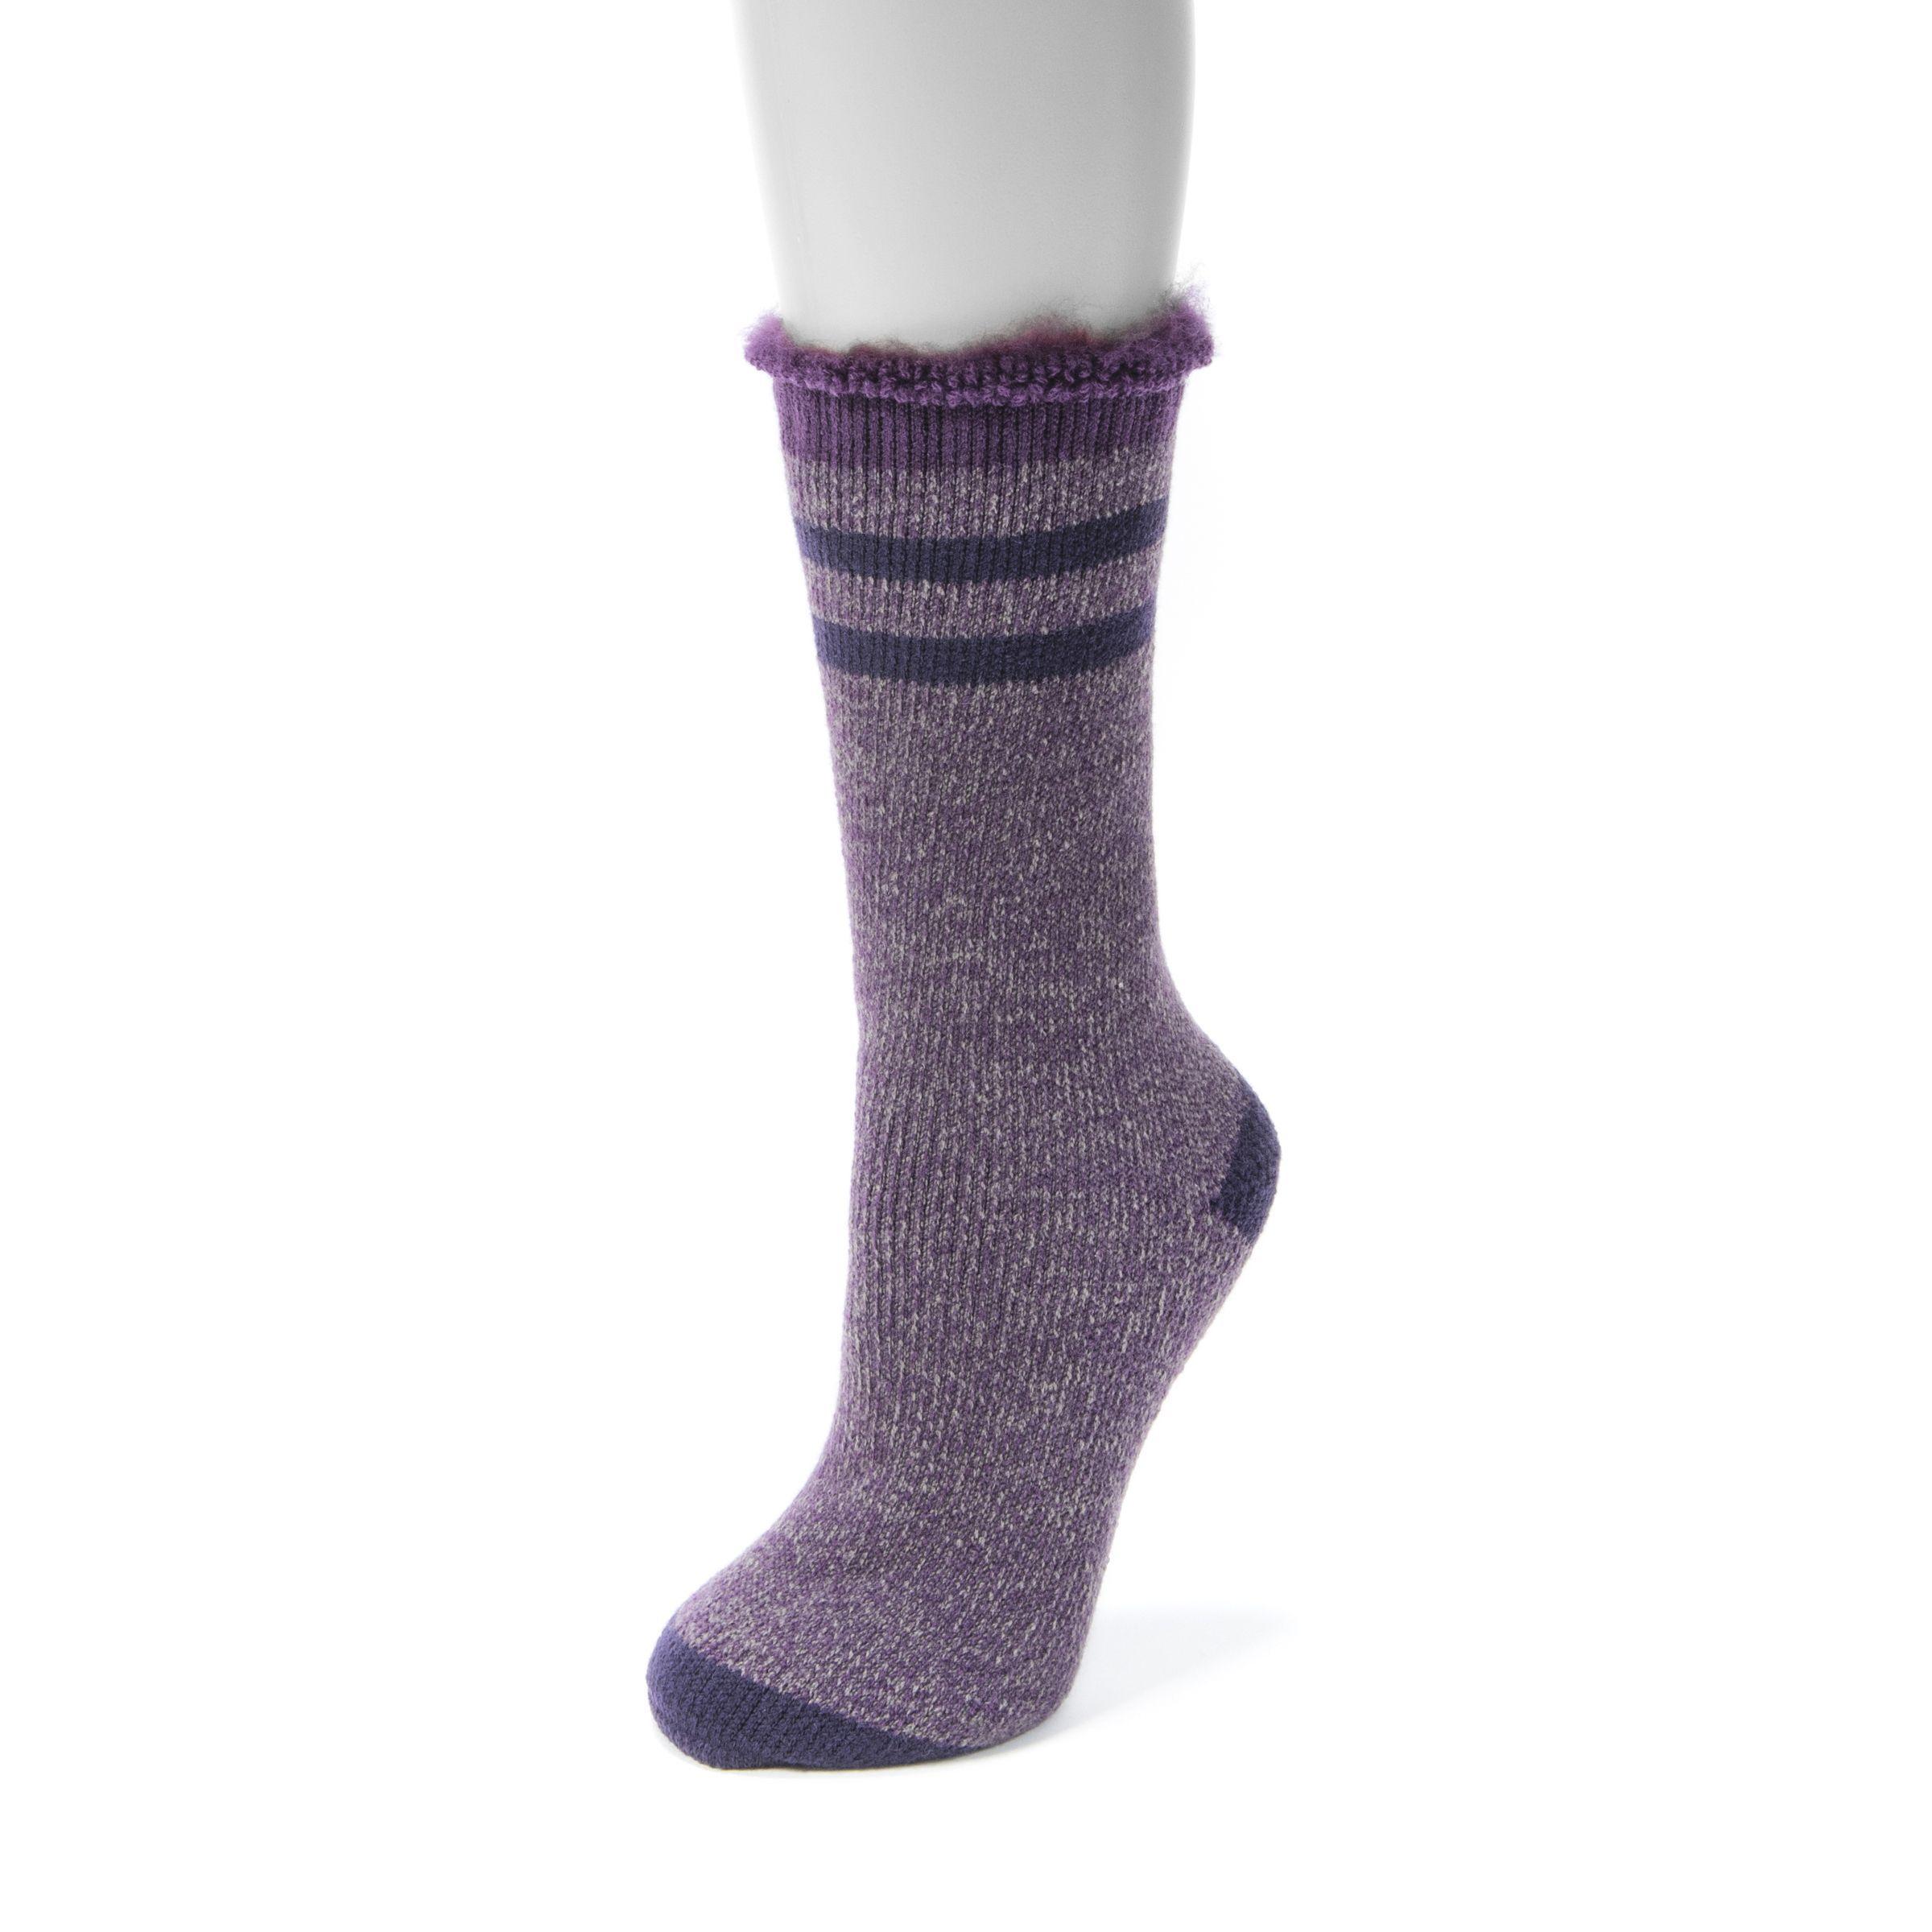 Purple dress socks  MUK Luks Womenus Pair Heat Retainer Thermal Insulated Socks